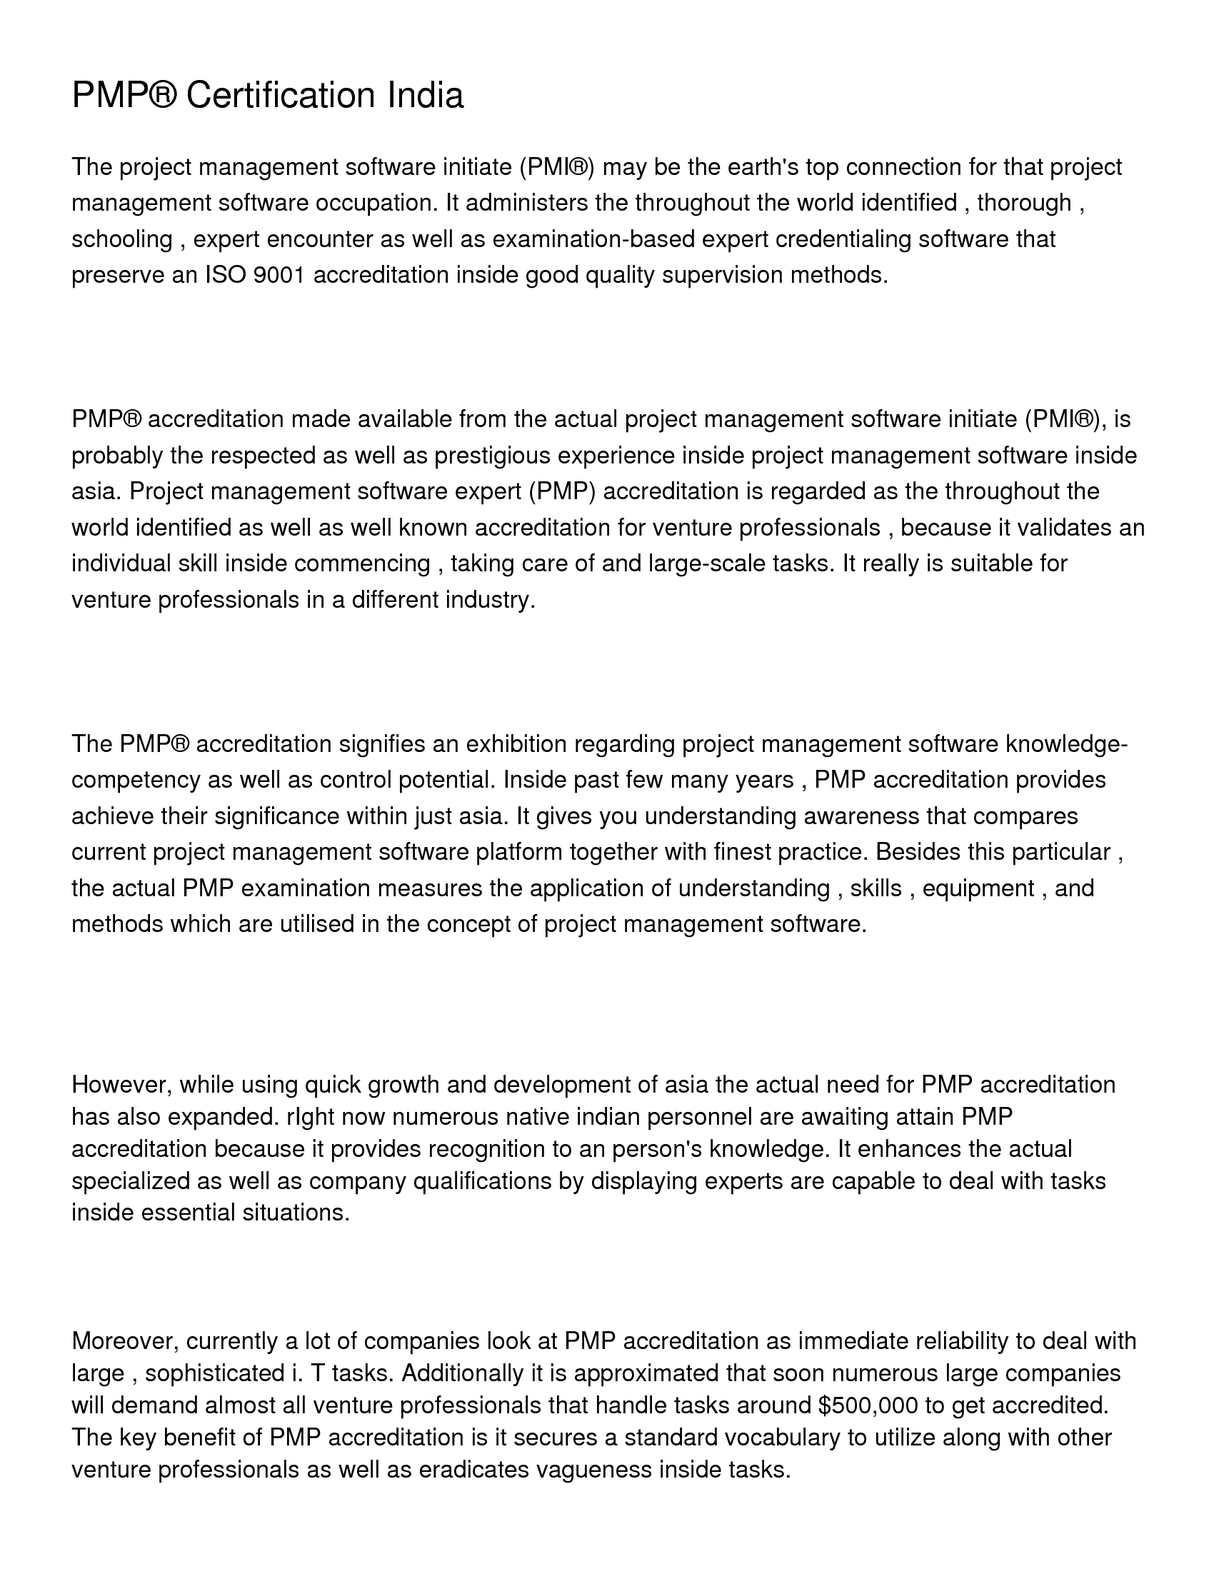 Calamo Pmp Certification India